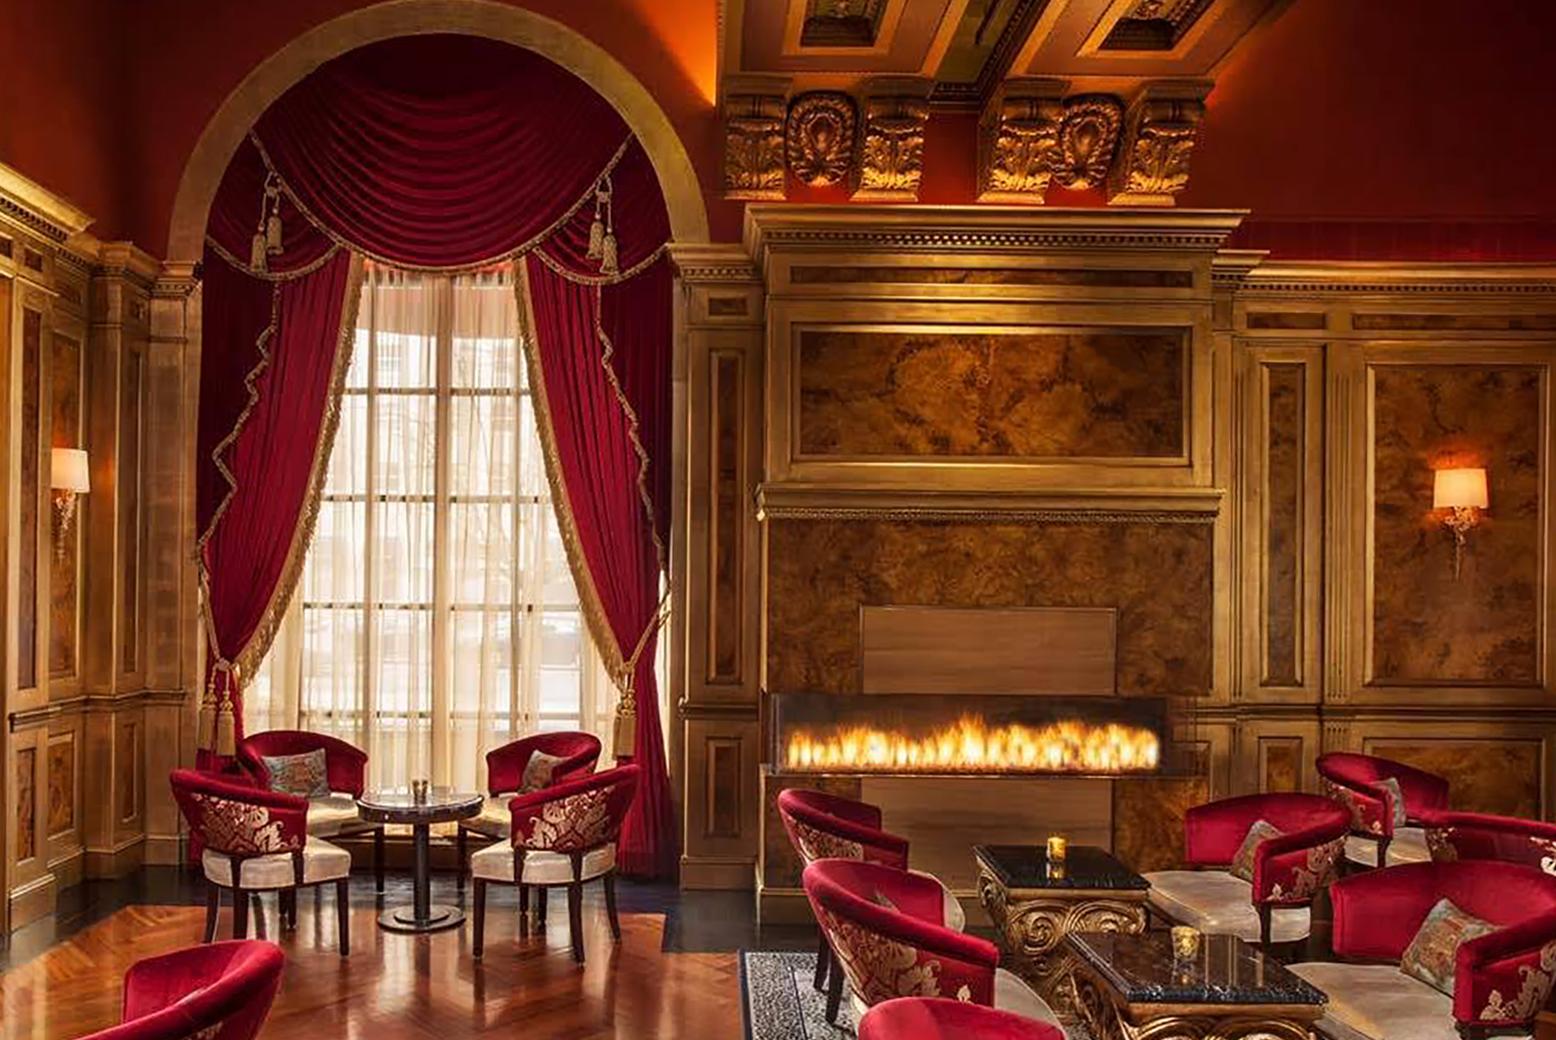 Hotel Decor Myron Wolman Hotel Design 03